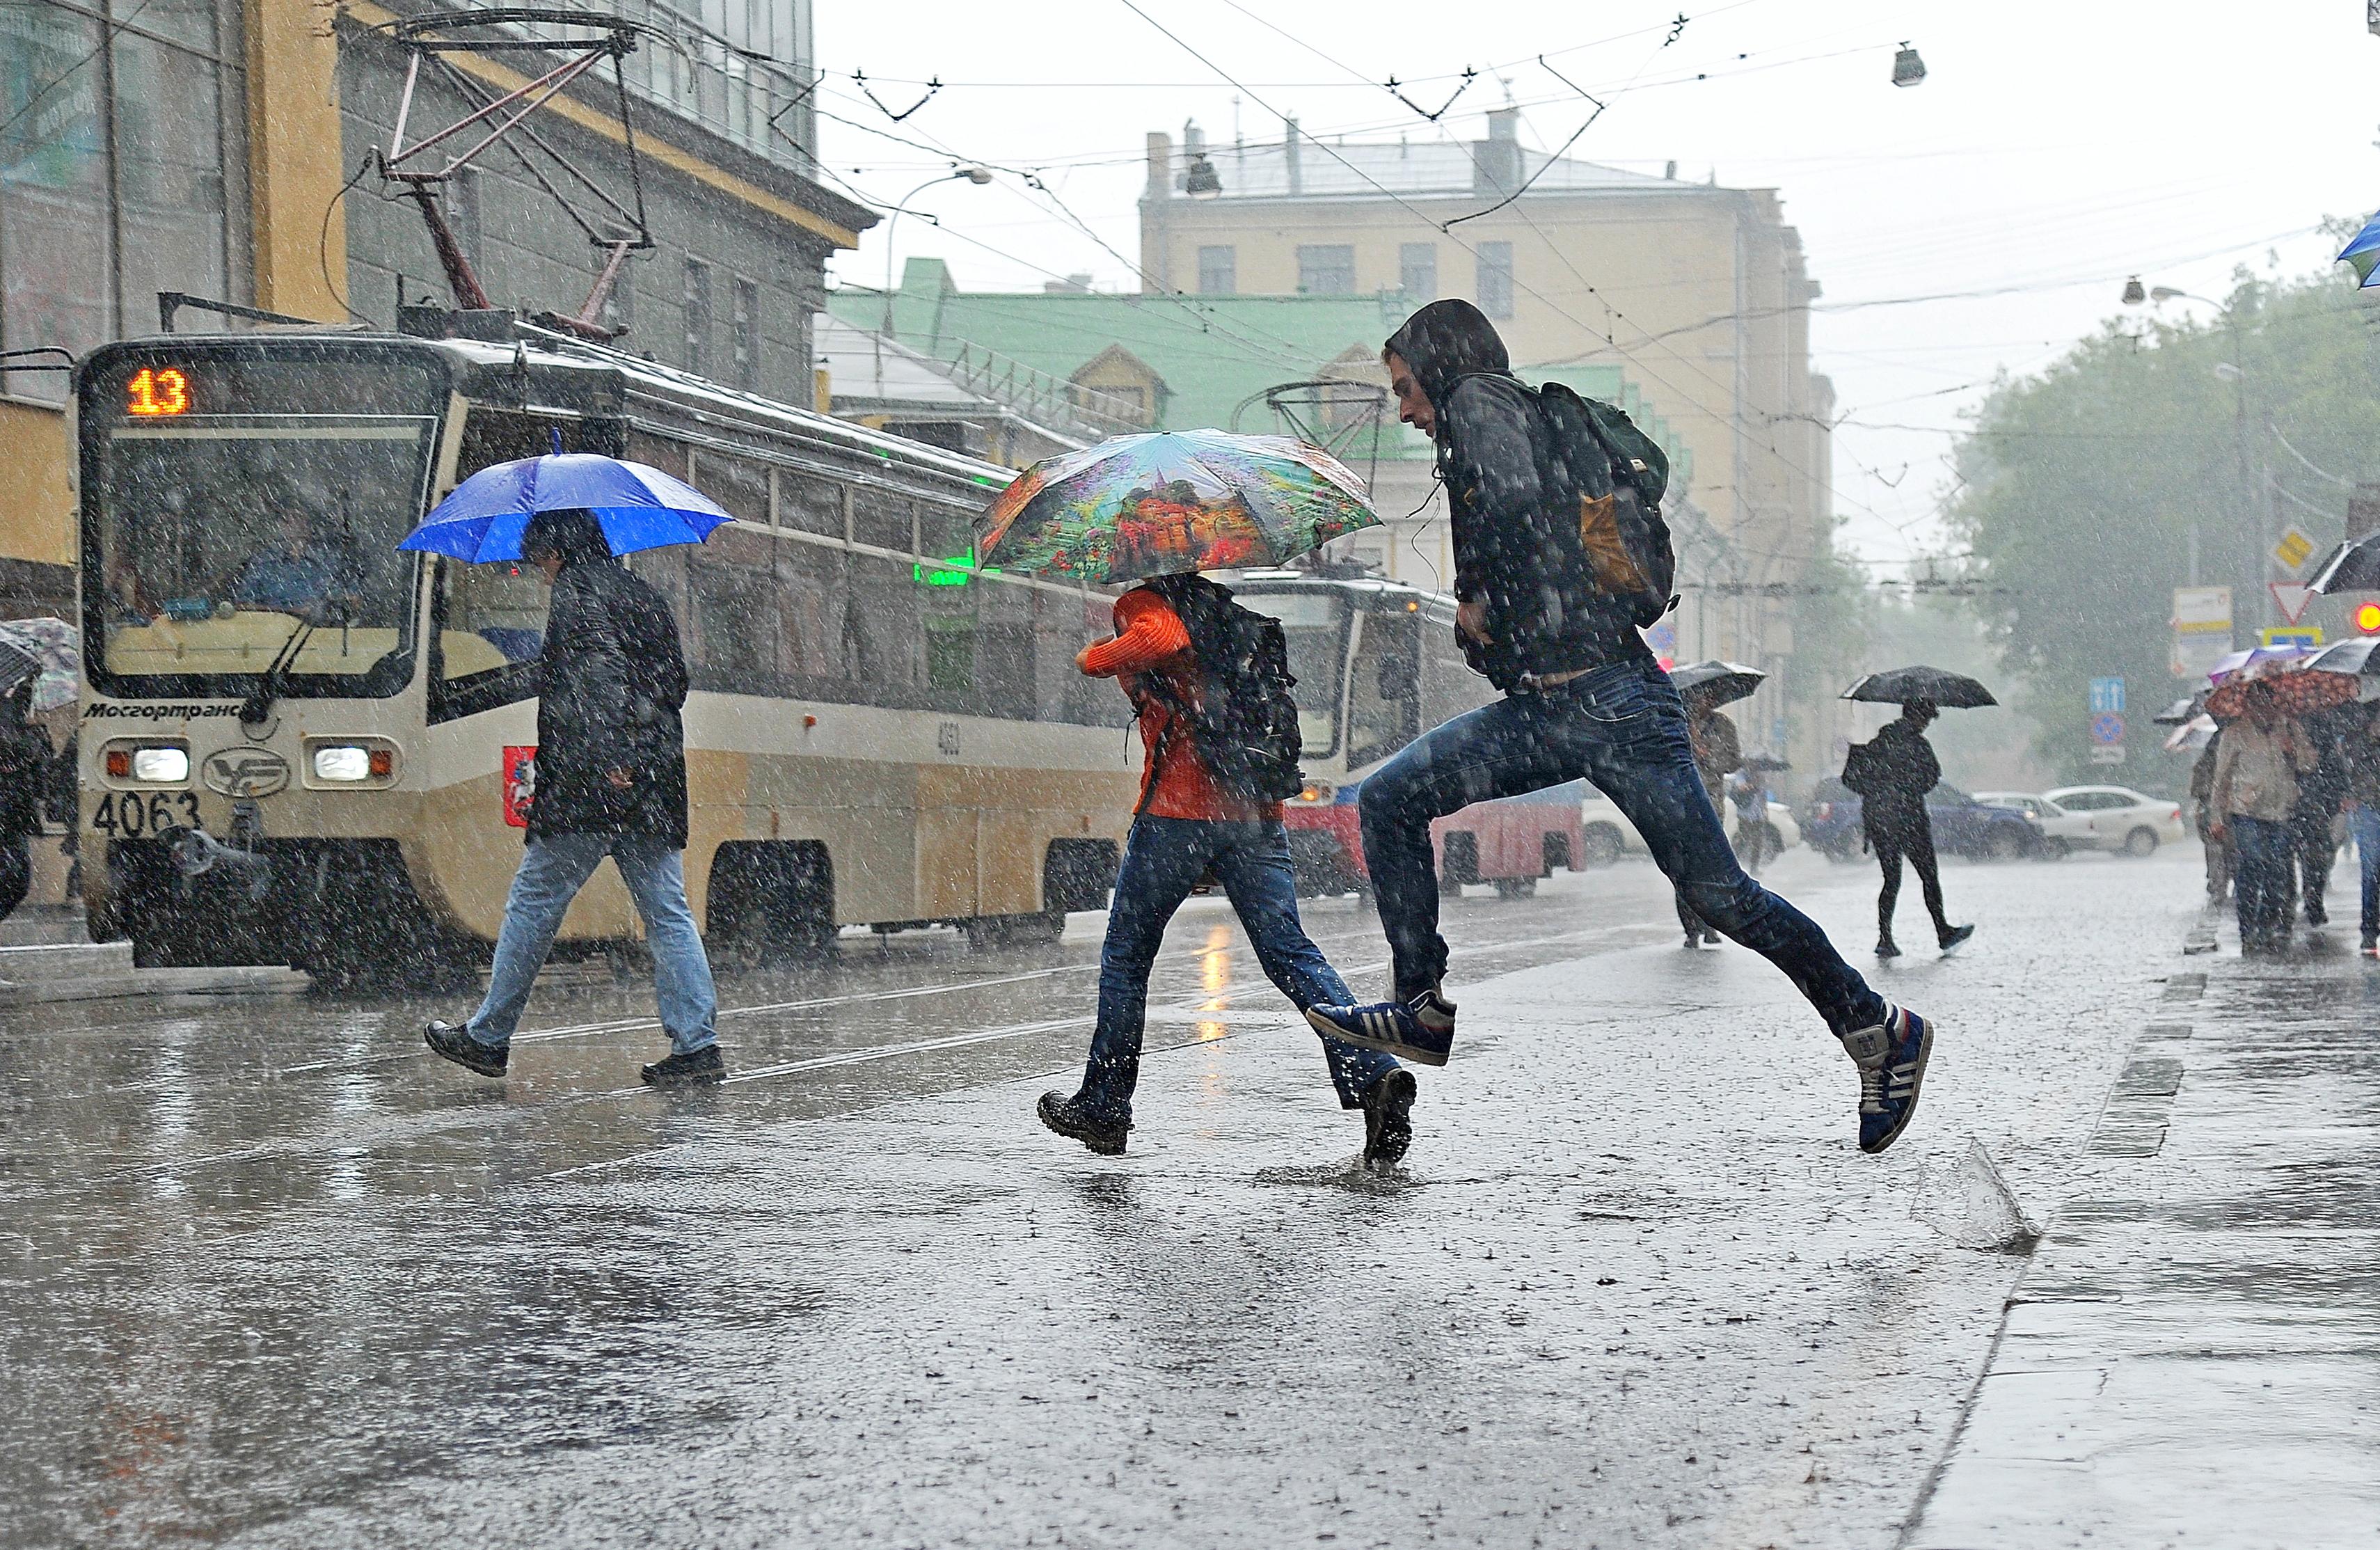 Дождь: власти Москвы призвали водителей пересесть на автобусы